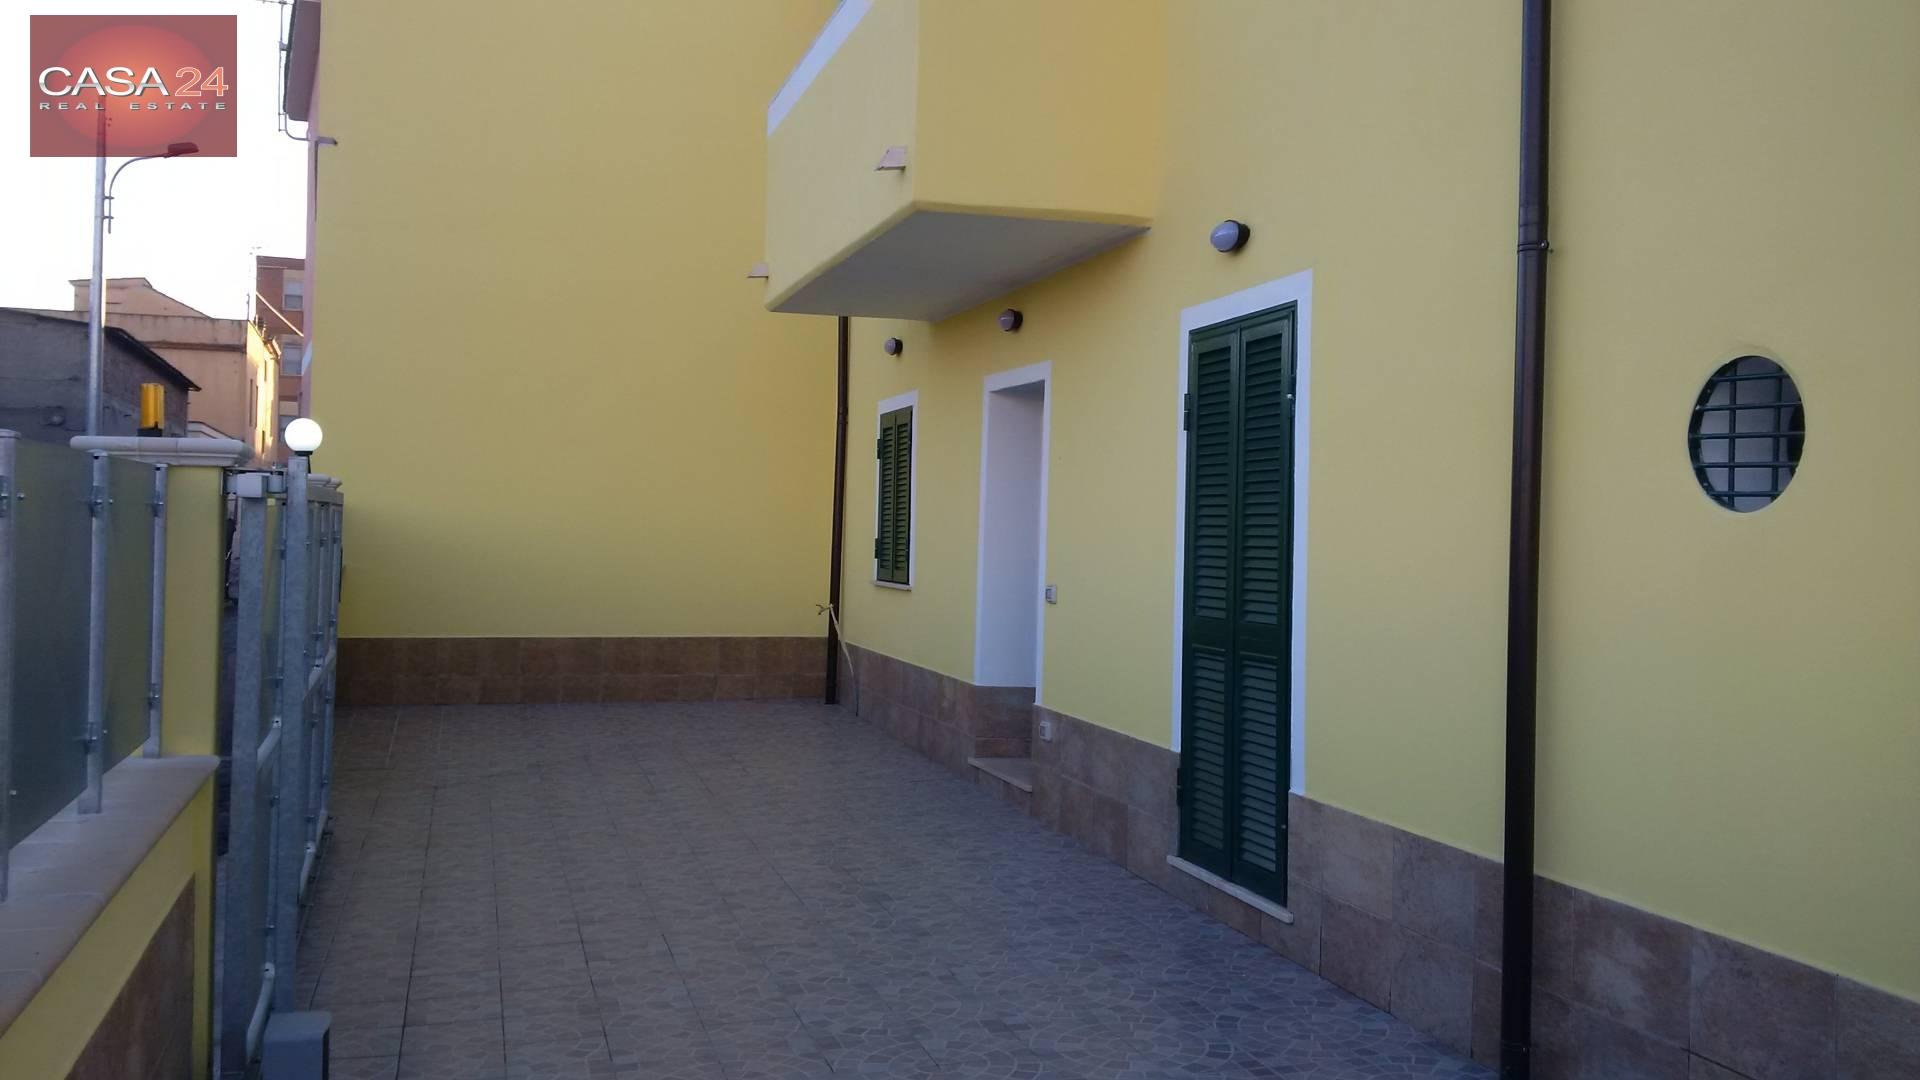 Appartamento in vendita a Latina, 4 locali, zona Località: R7ZonaCampoBoario, prezzo € 150.000   Cambio Casa.it